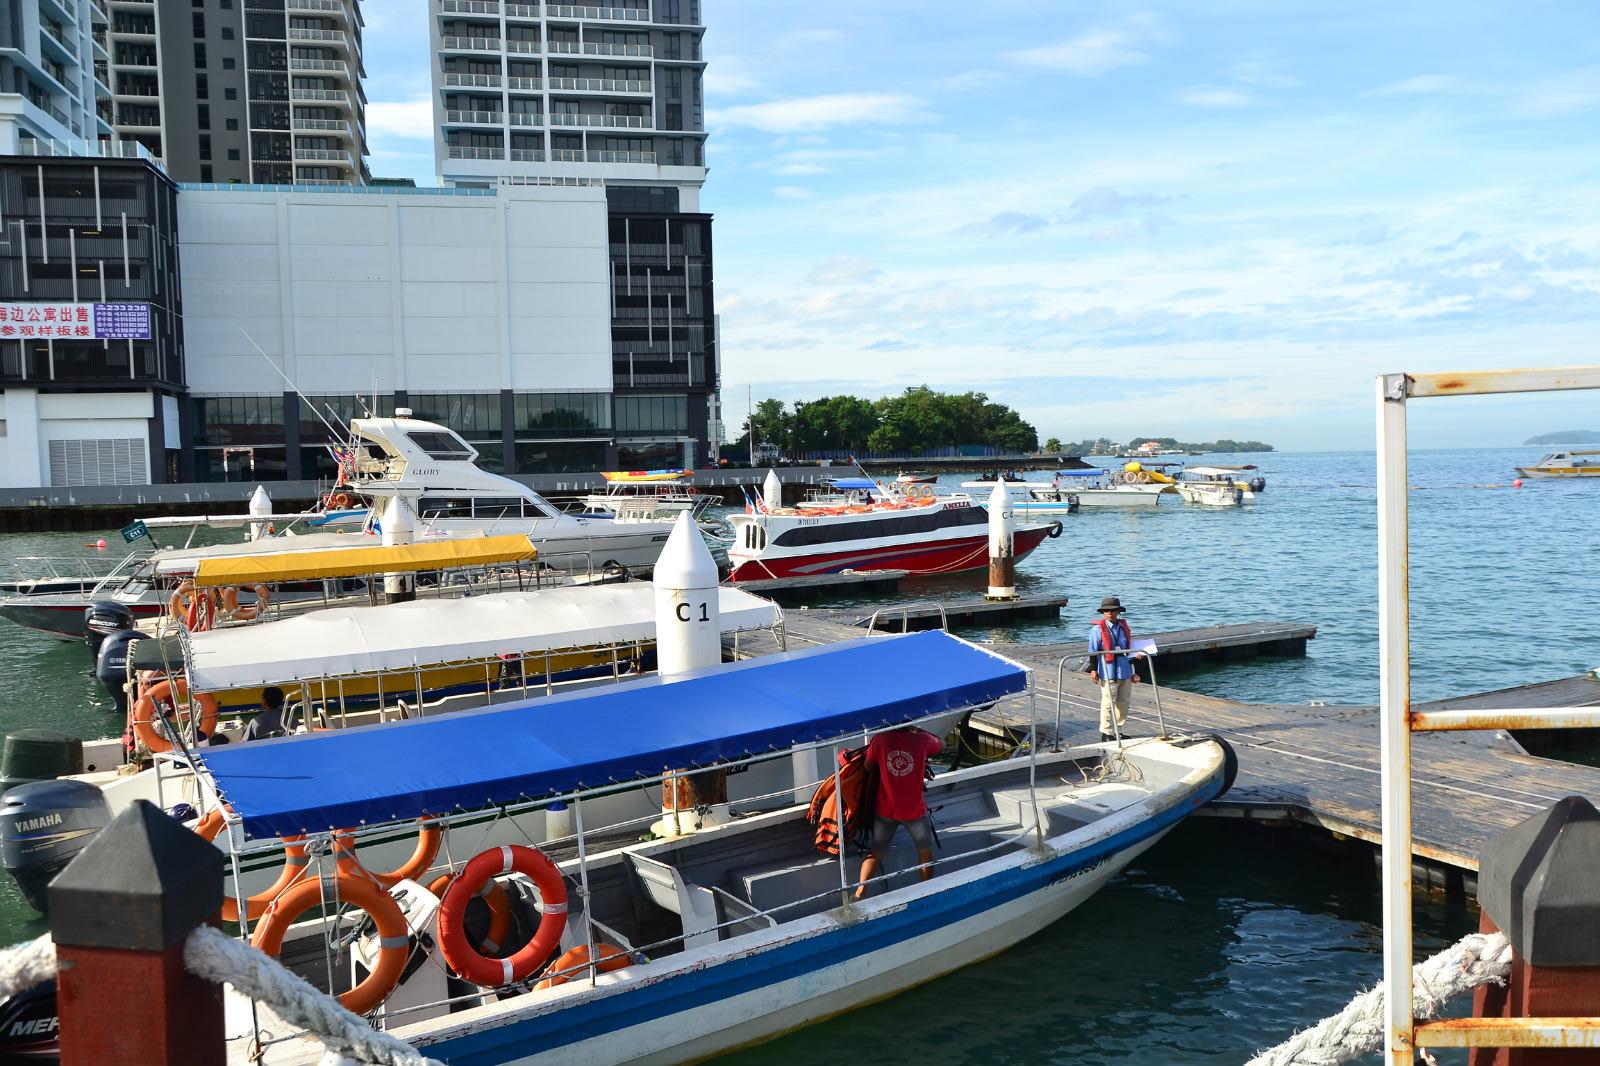 du lịch kota kinabalu - tàu ở cảng